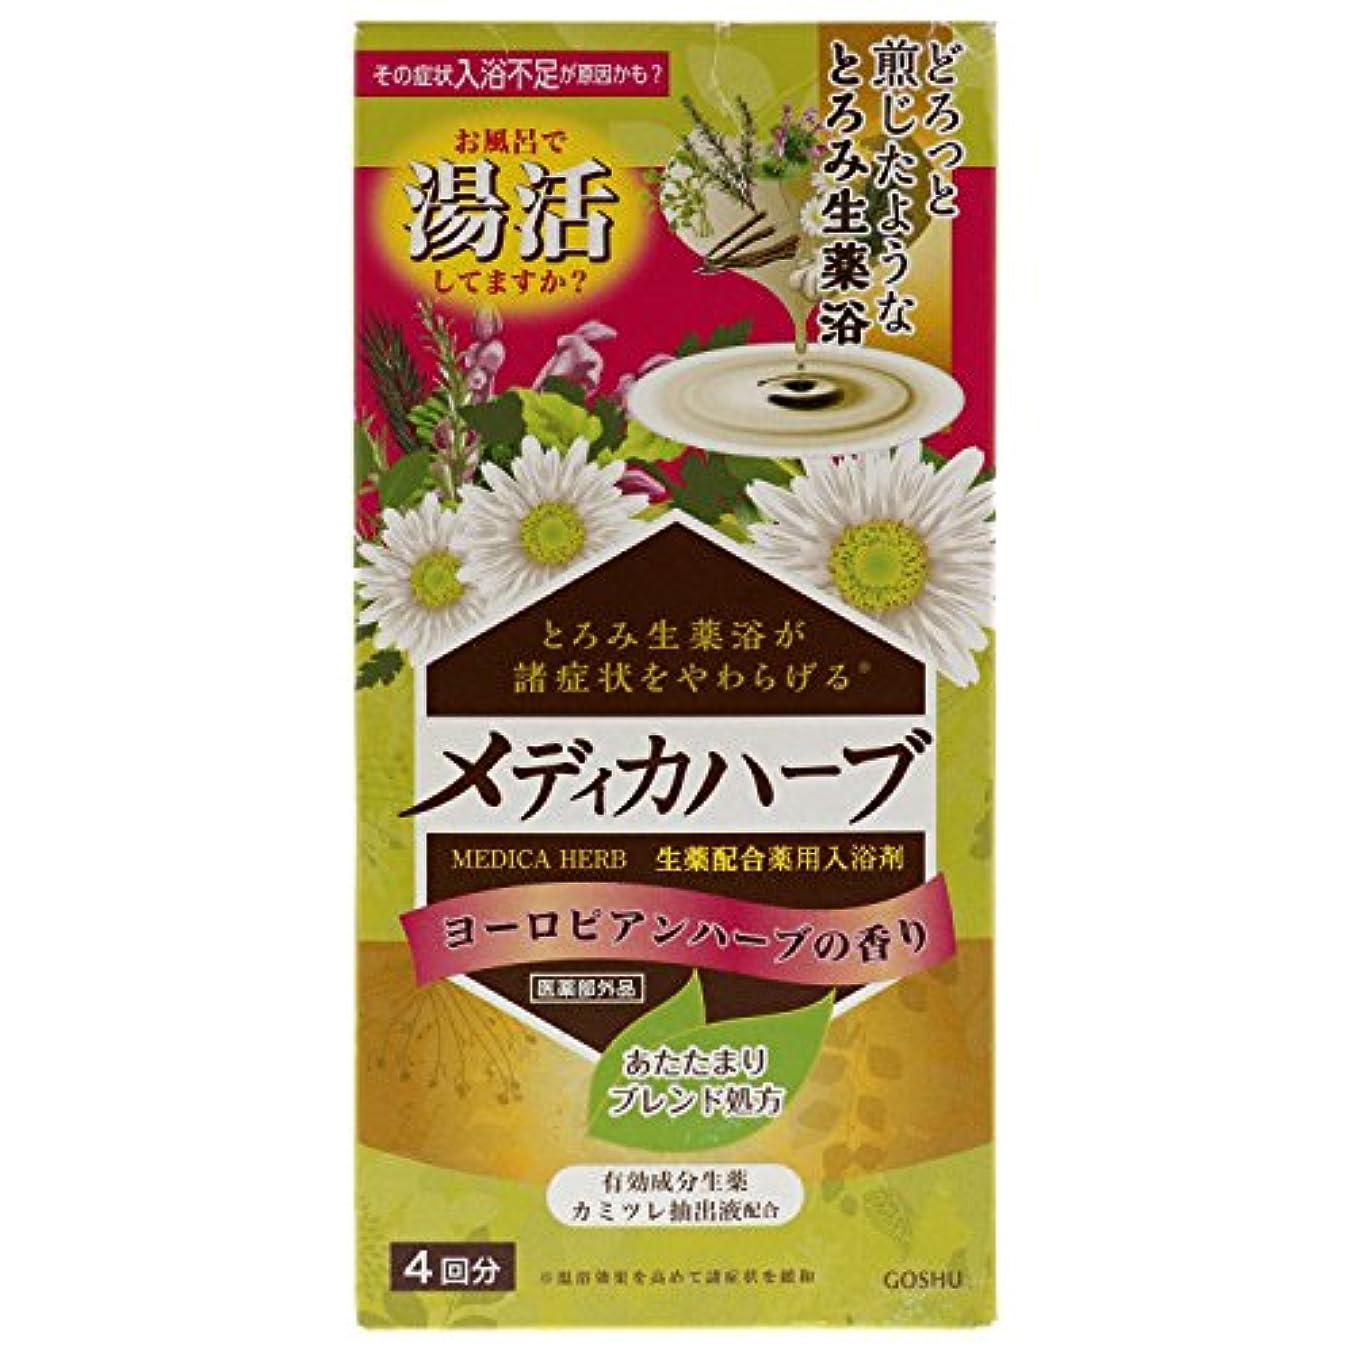 拒否座標余分なメディカハーブ ヨーロピアンハーブの香り 4包(4回分) [医薬部外品]